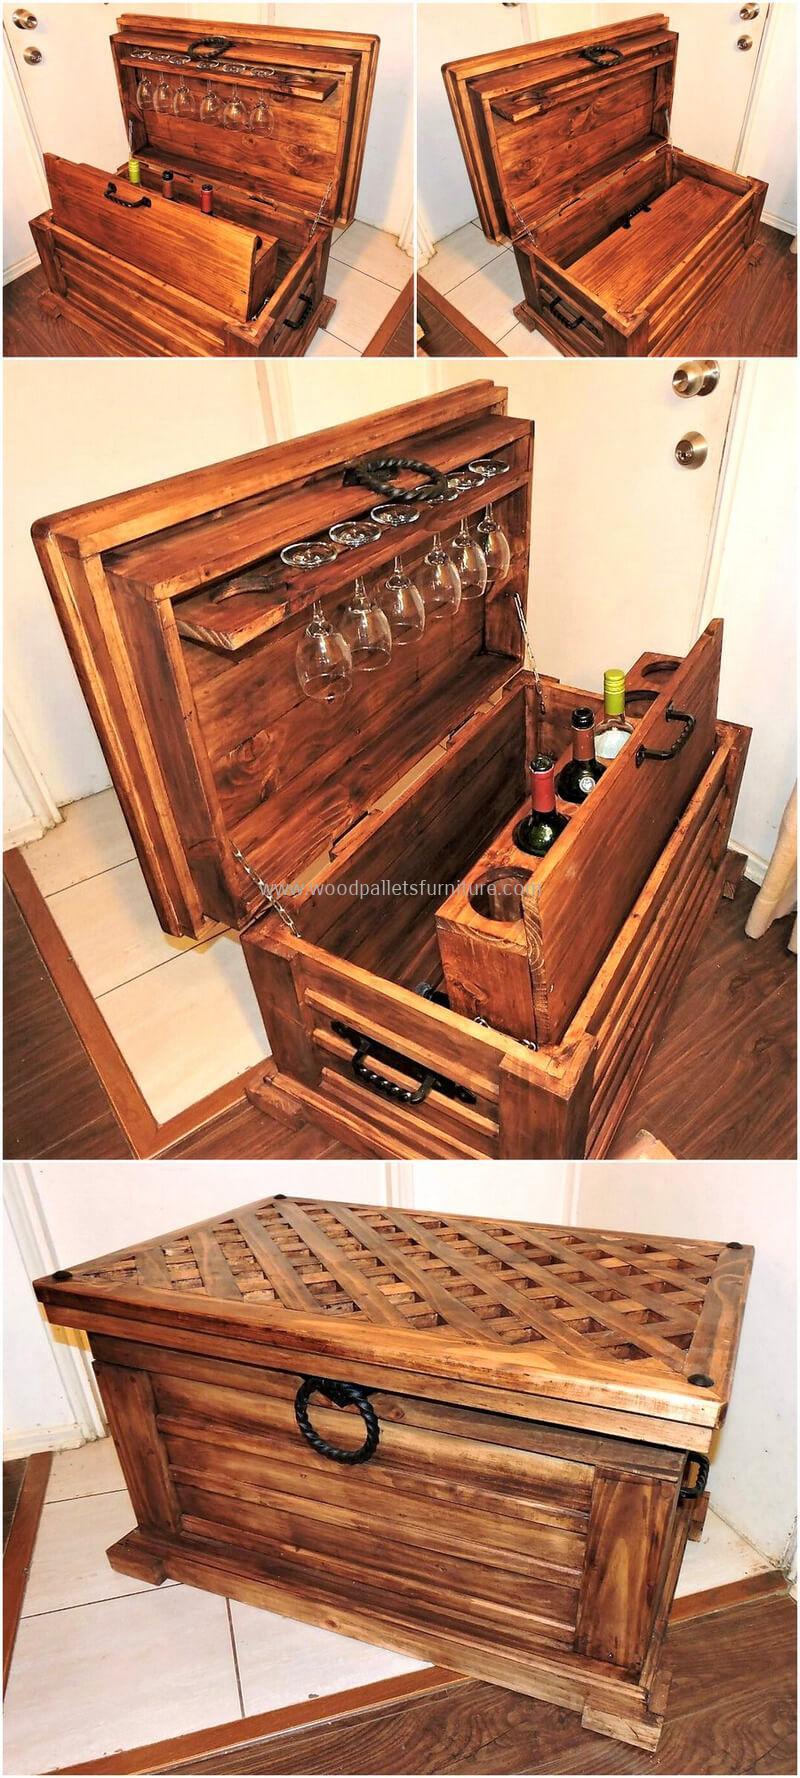 wood pallet bar plan 23 - 2